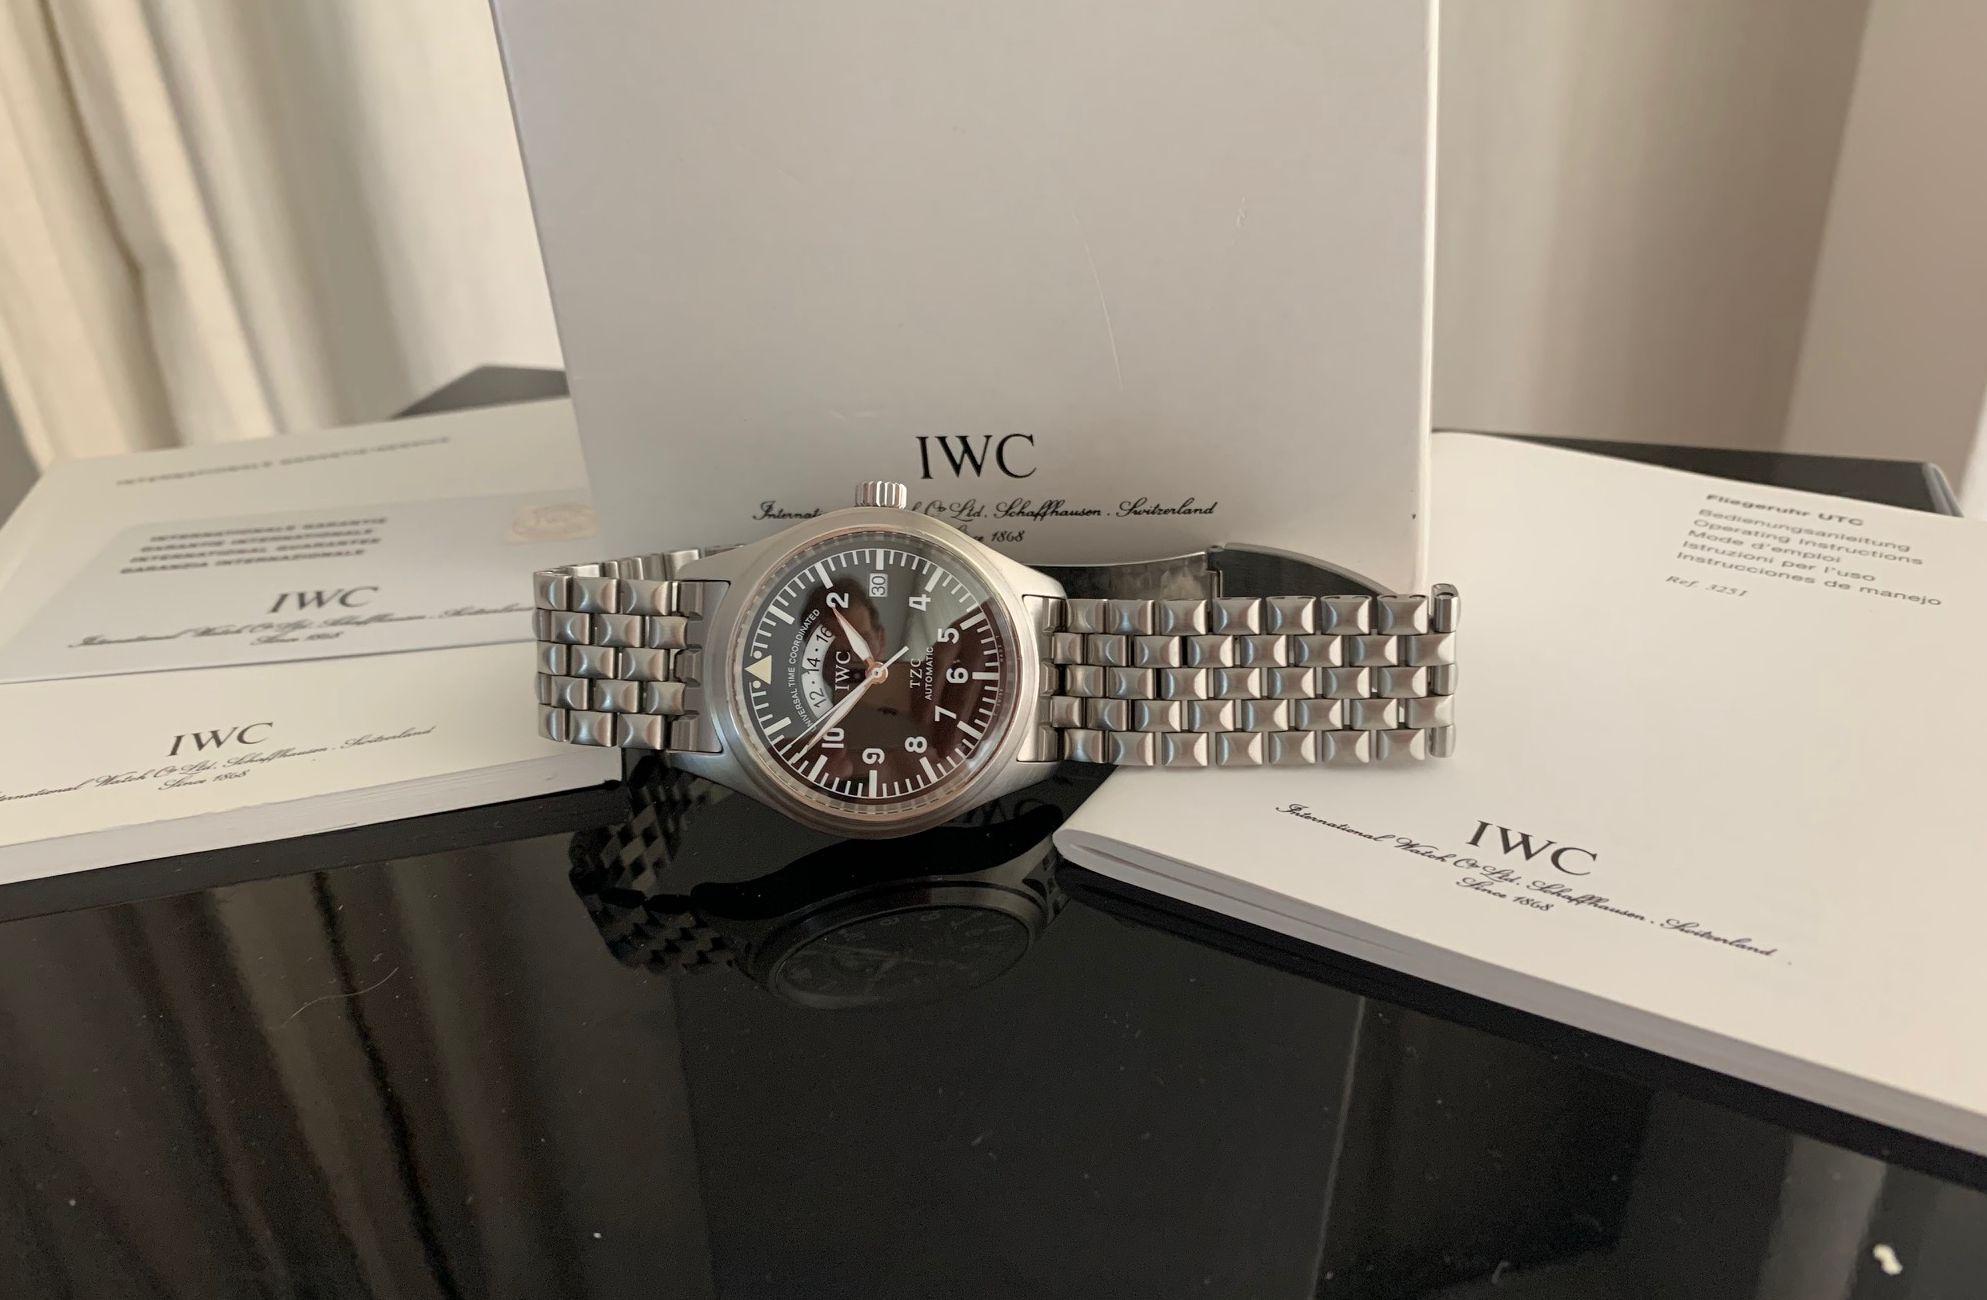 IWC1.jpg